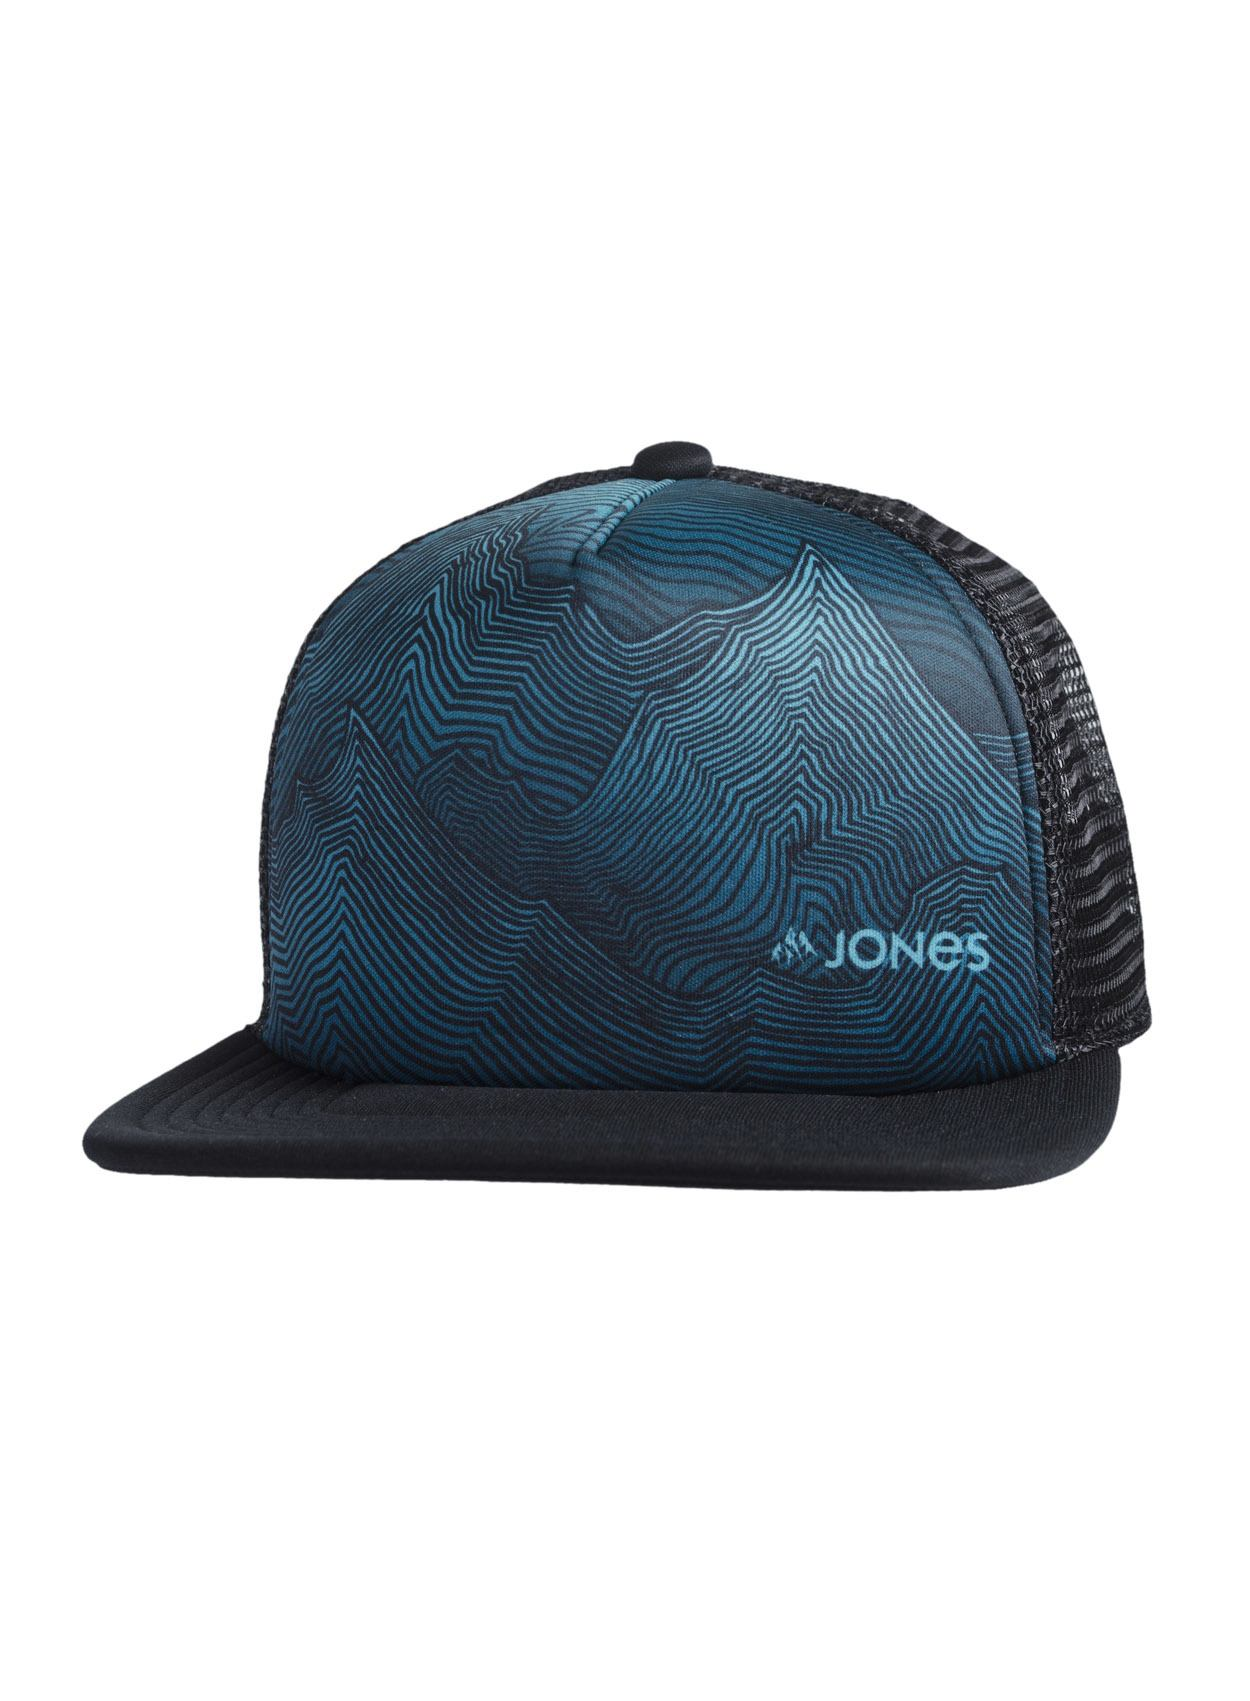 Jones Snowboards Himalaya Cap